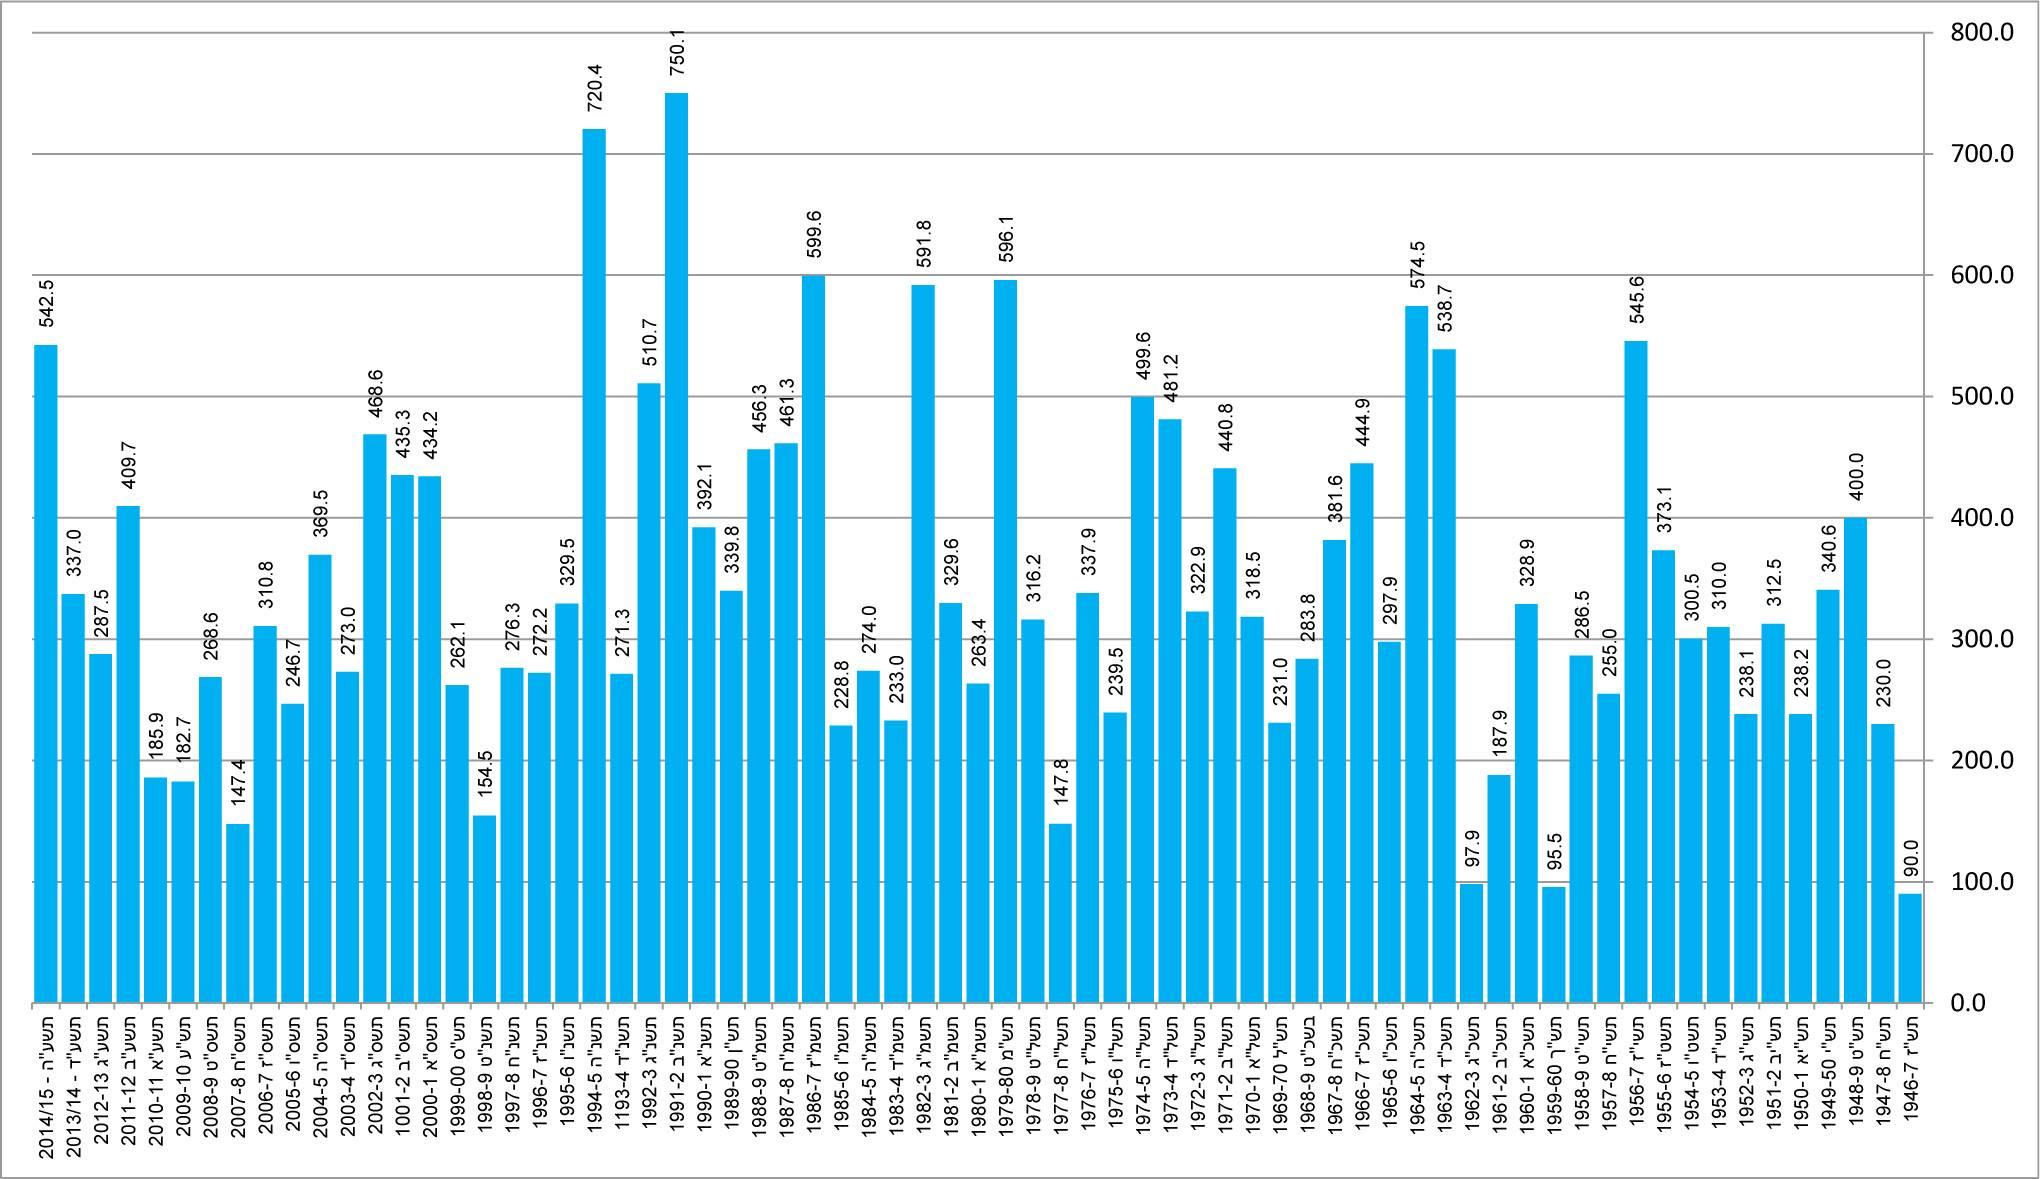 טבלת גשמים בבארי / נחביר  1946- 2015